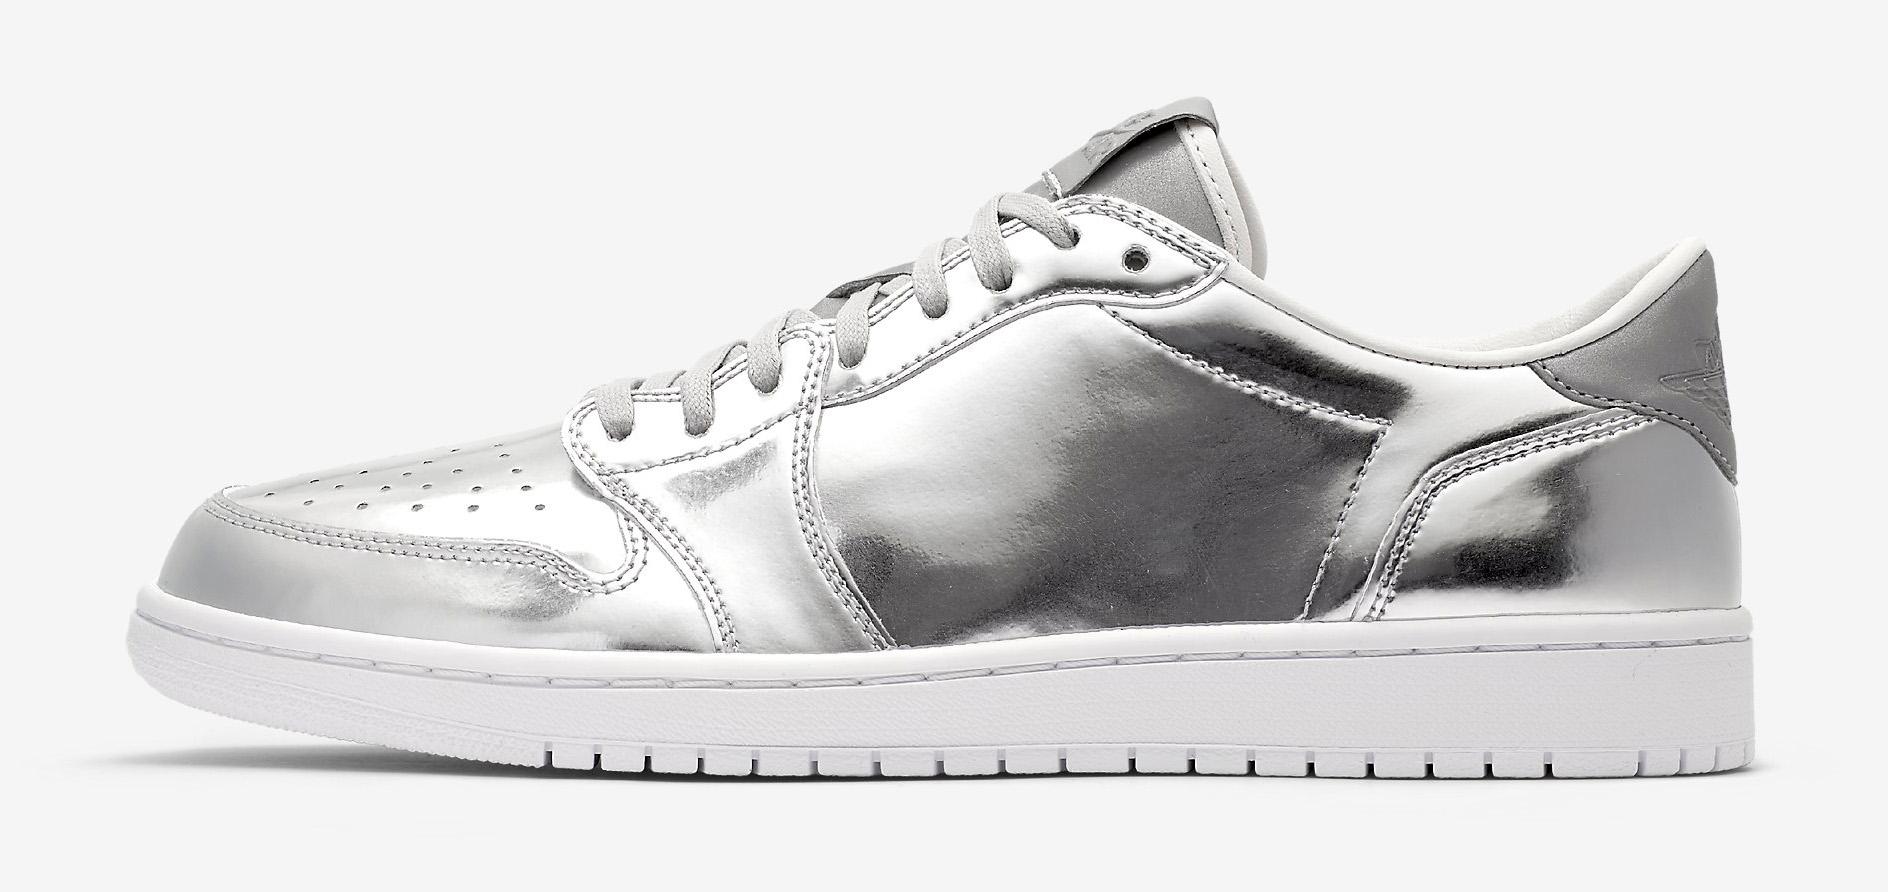 7ea26021409648 Pinnacle Air Jordan 6 Online Release